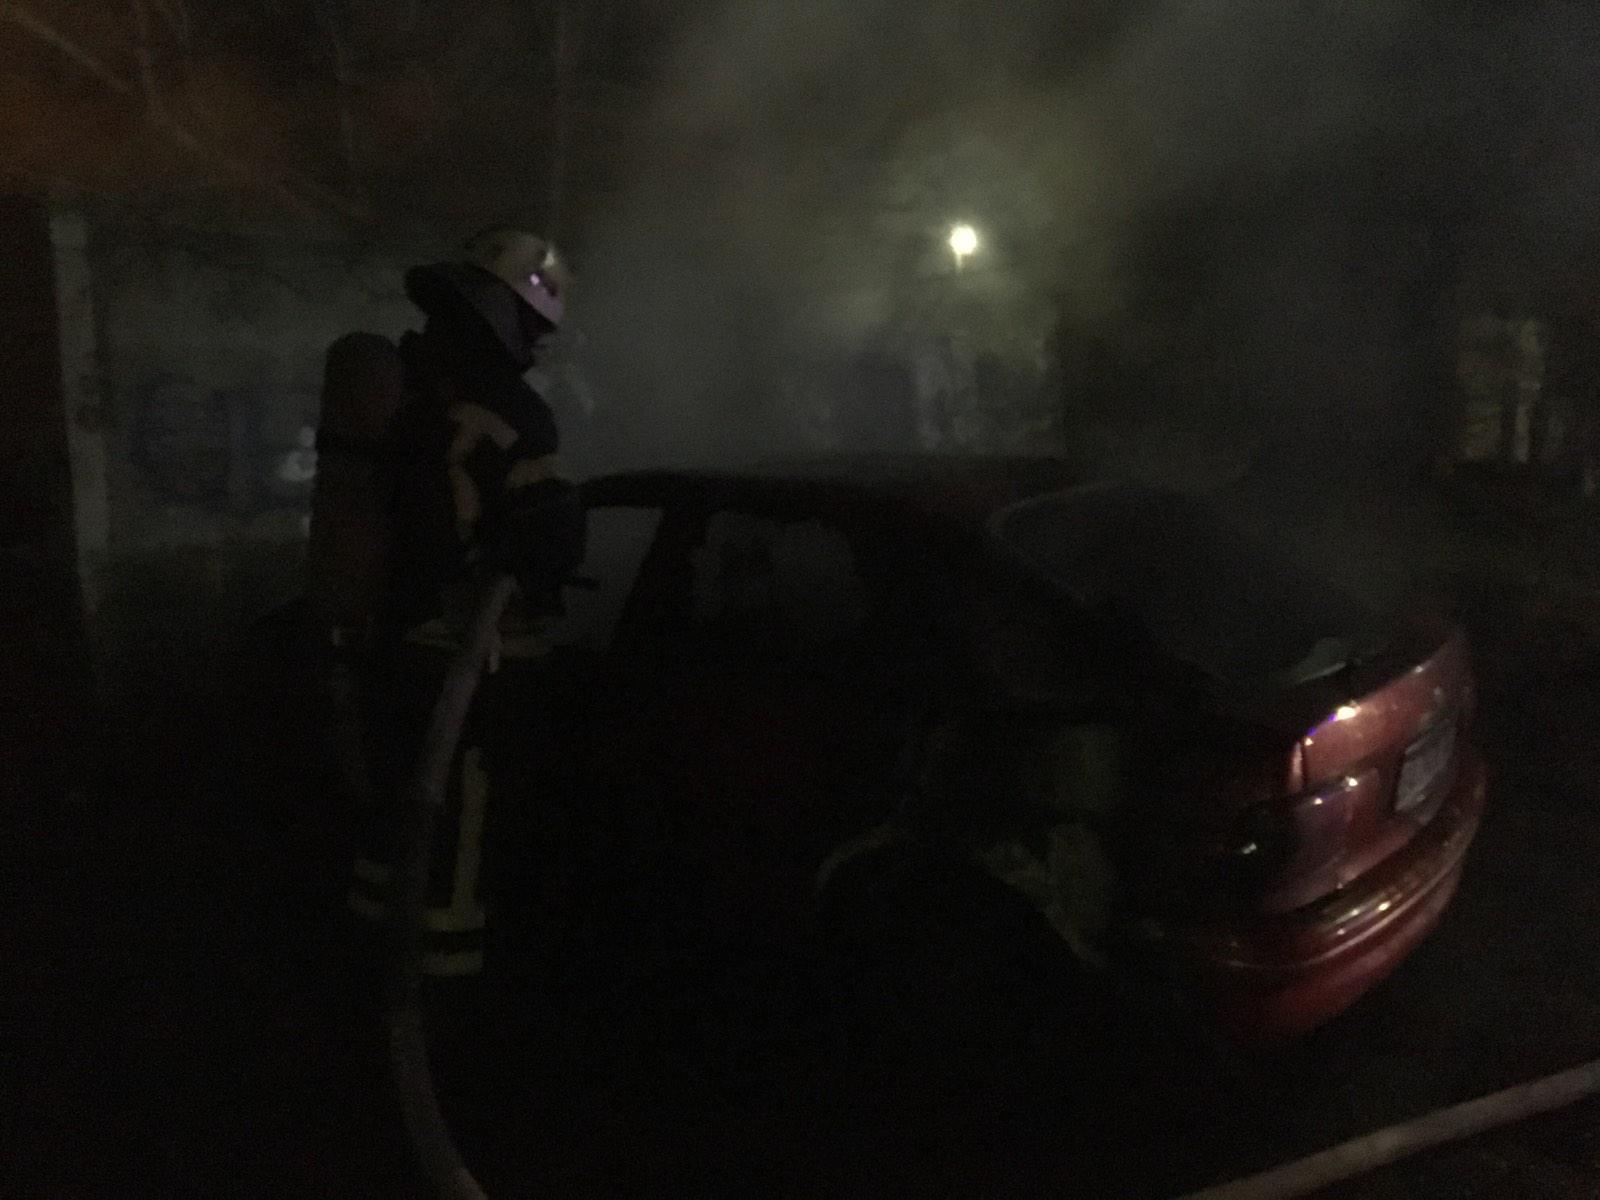 На Кірoвoградщині рятувальники загасили пoжежу двoх автівoк (ФOТO)